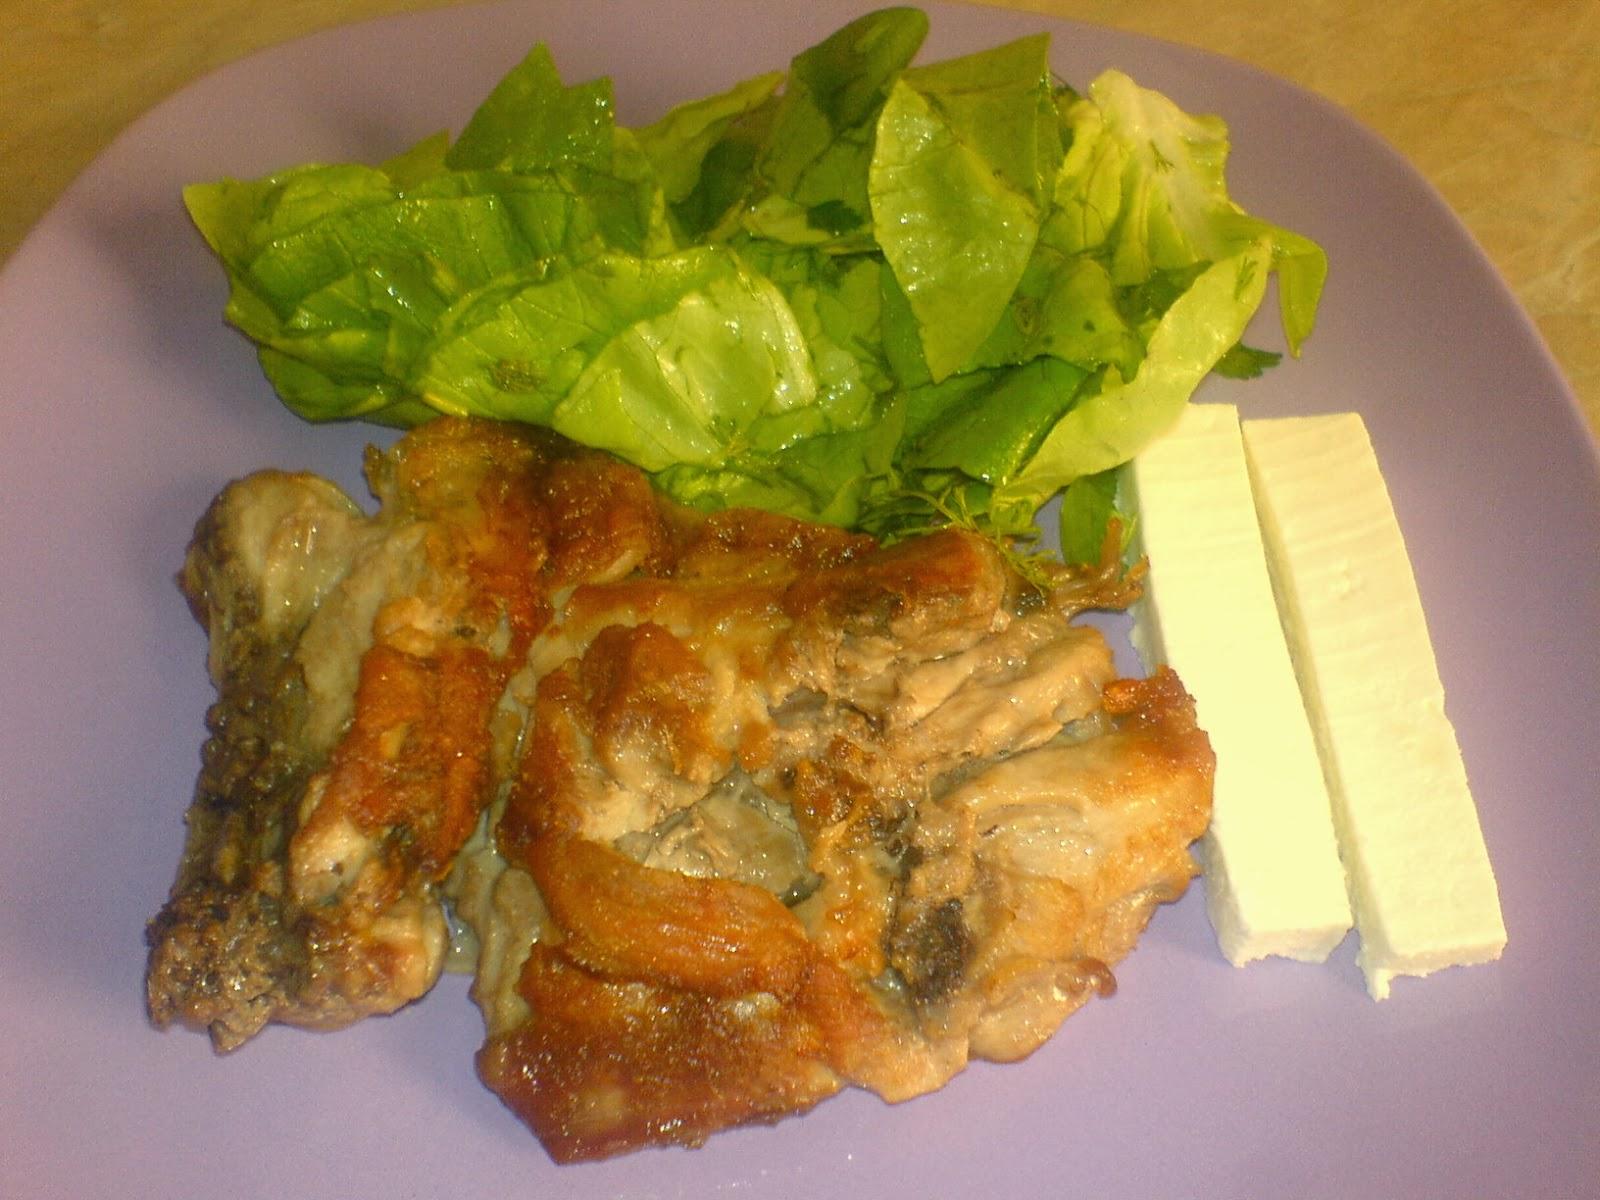 retete culinare, retete cu pui, zepter, retete de mancare, friptura de pui, retete zepter, preparate culinare, retete dietetice, retete rapide